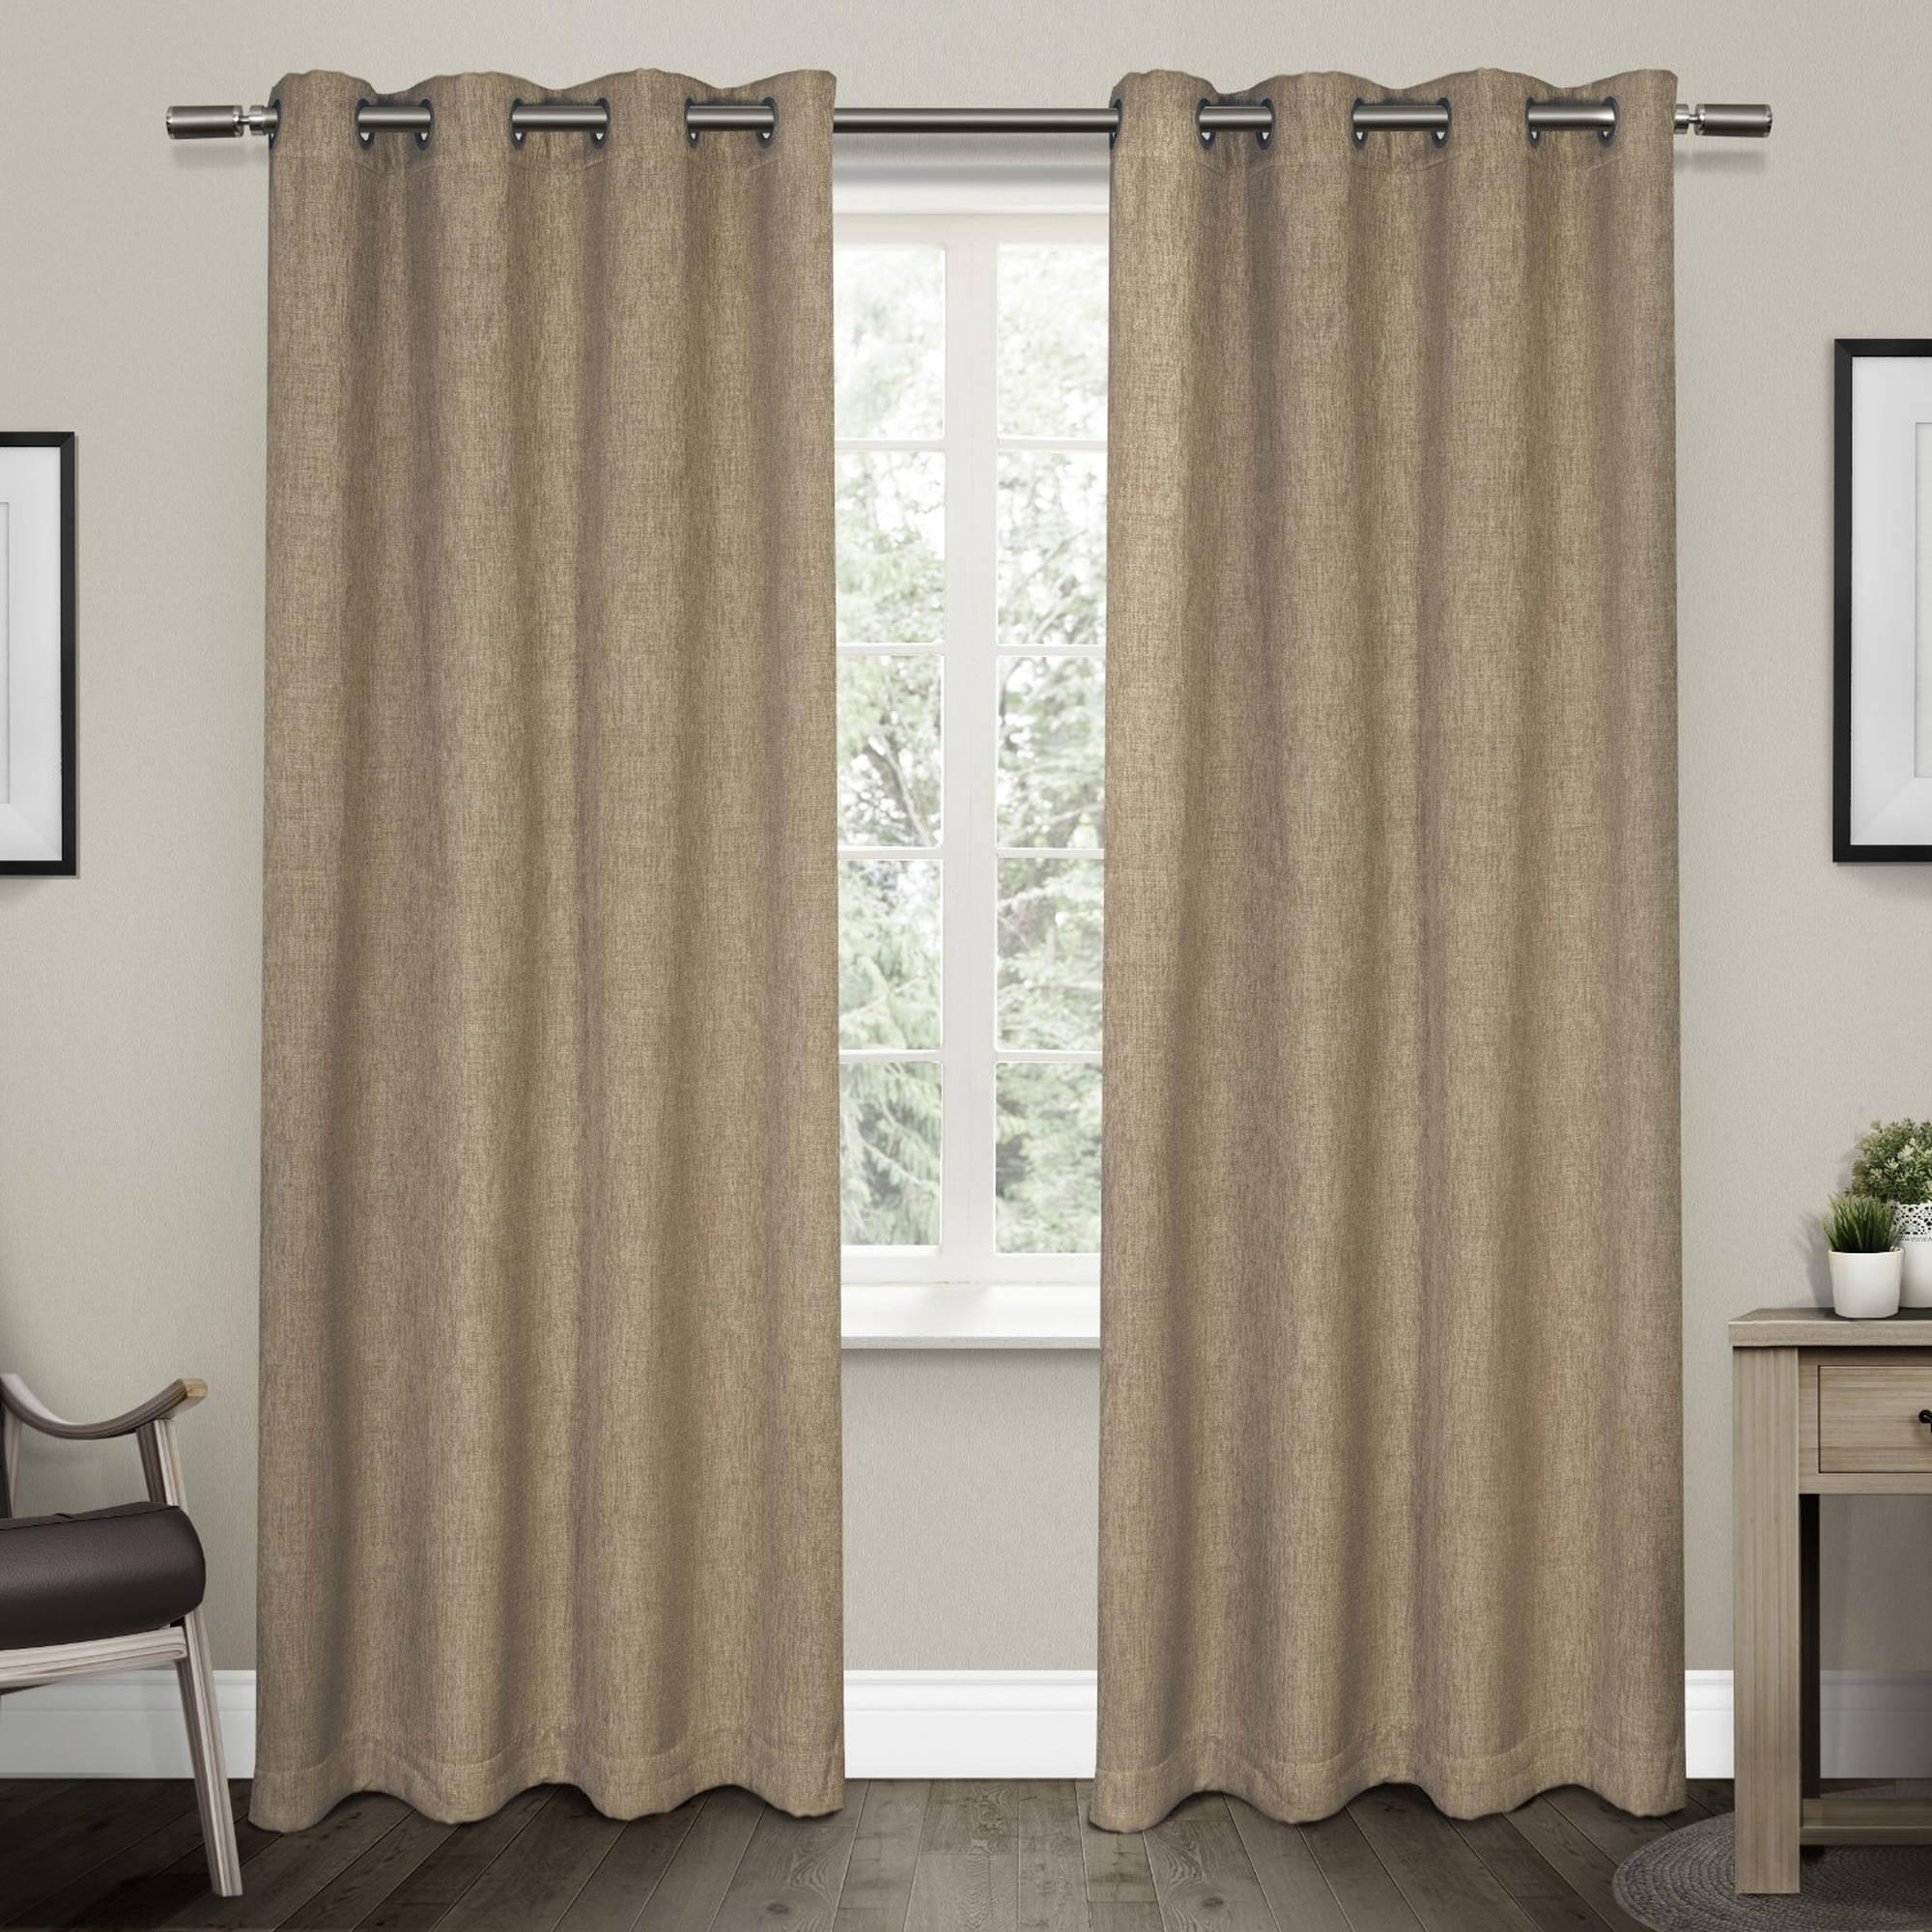 Vesta Heavy Textured Linen Woven Room Darkening Grommet Top Window Curtain Panel